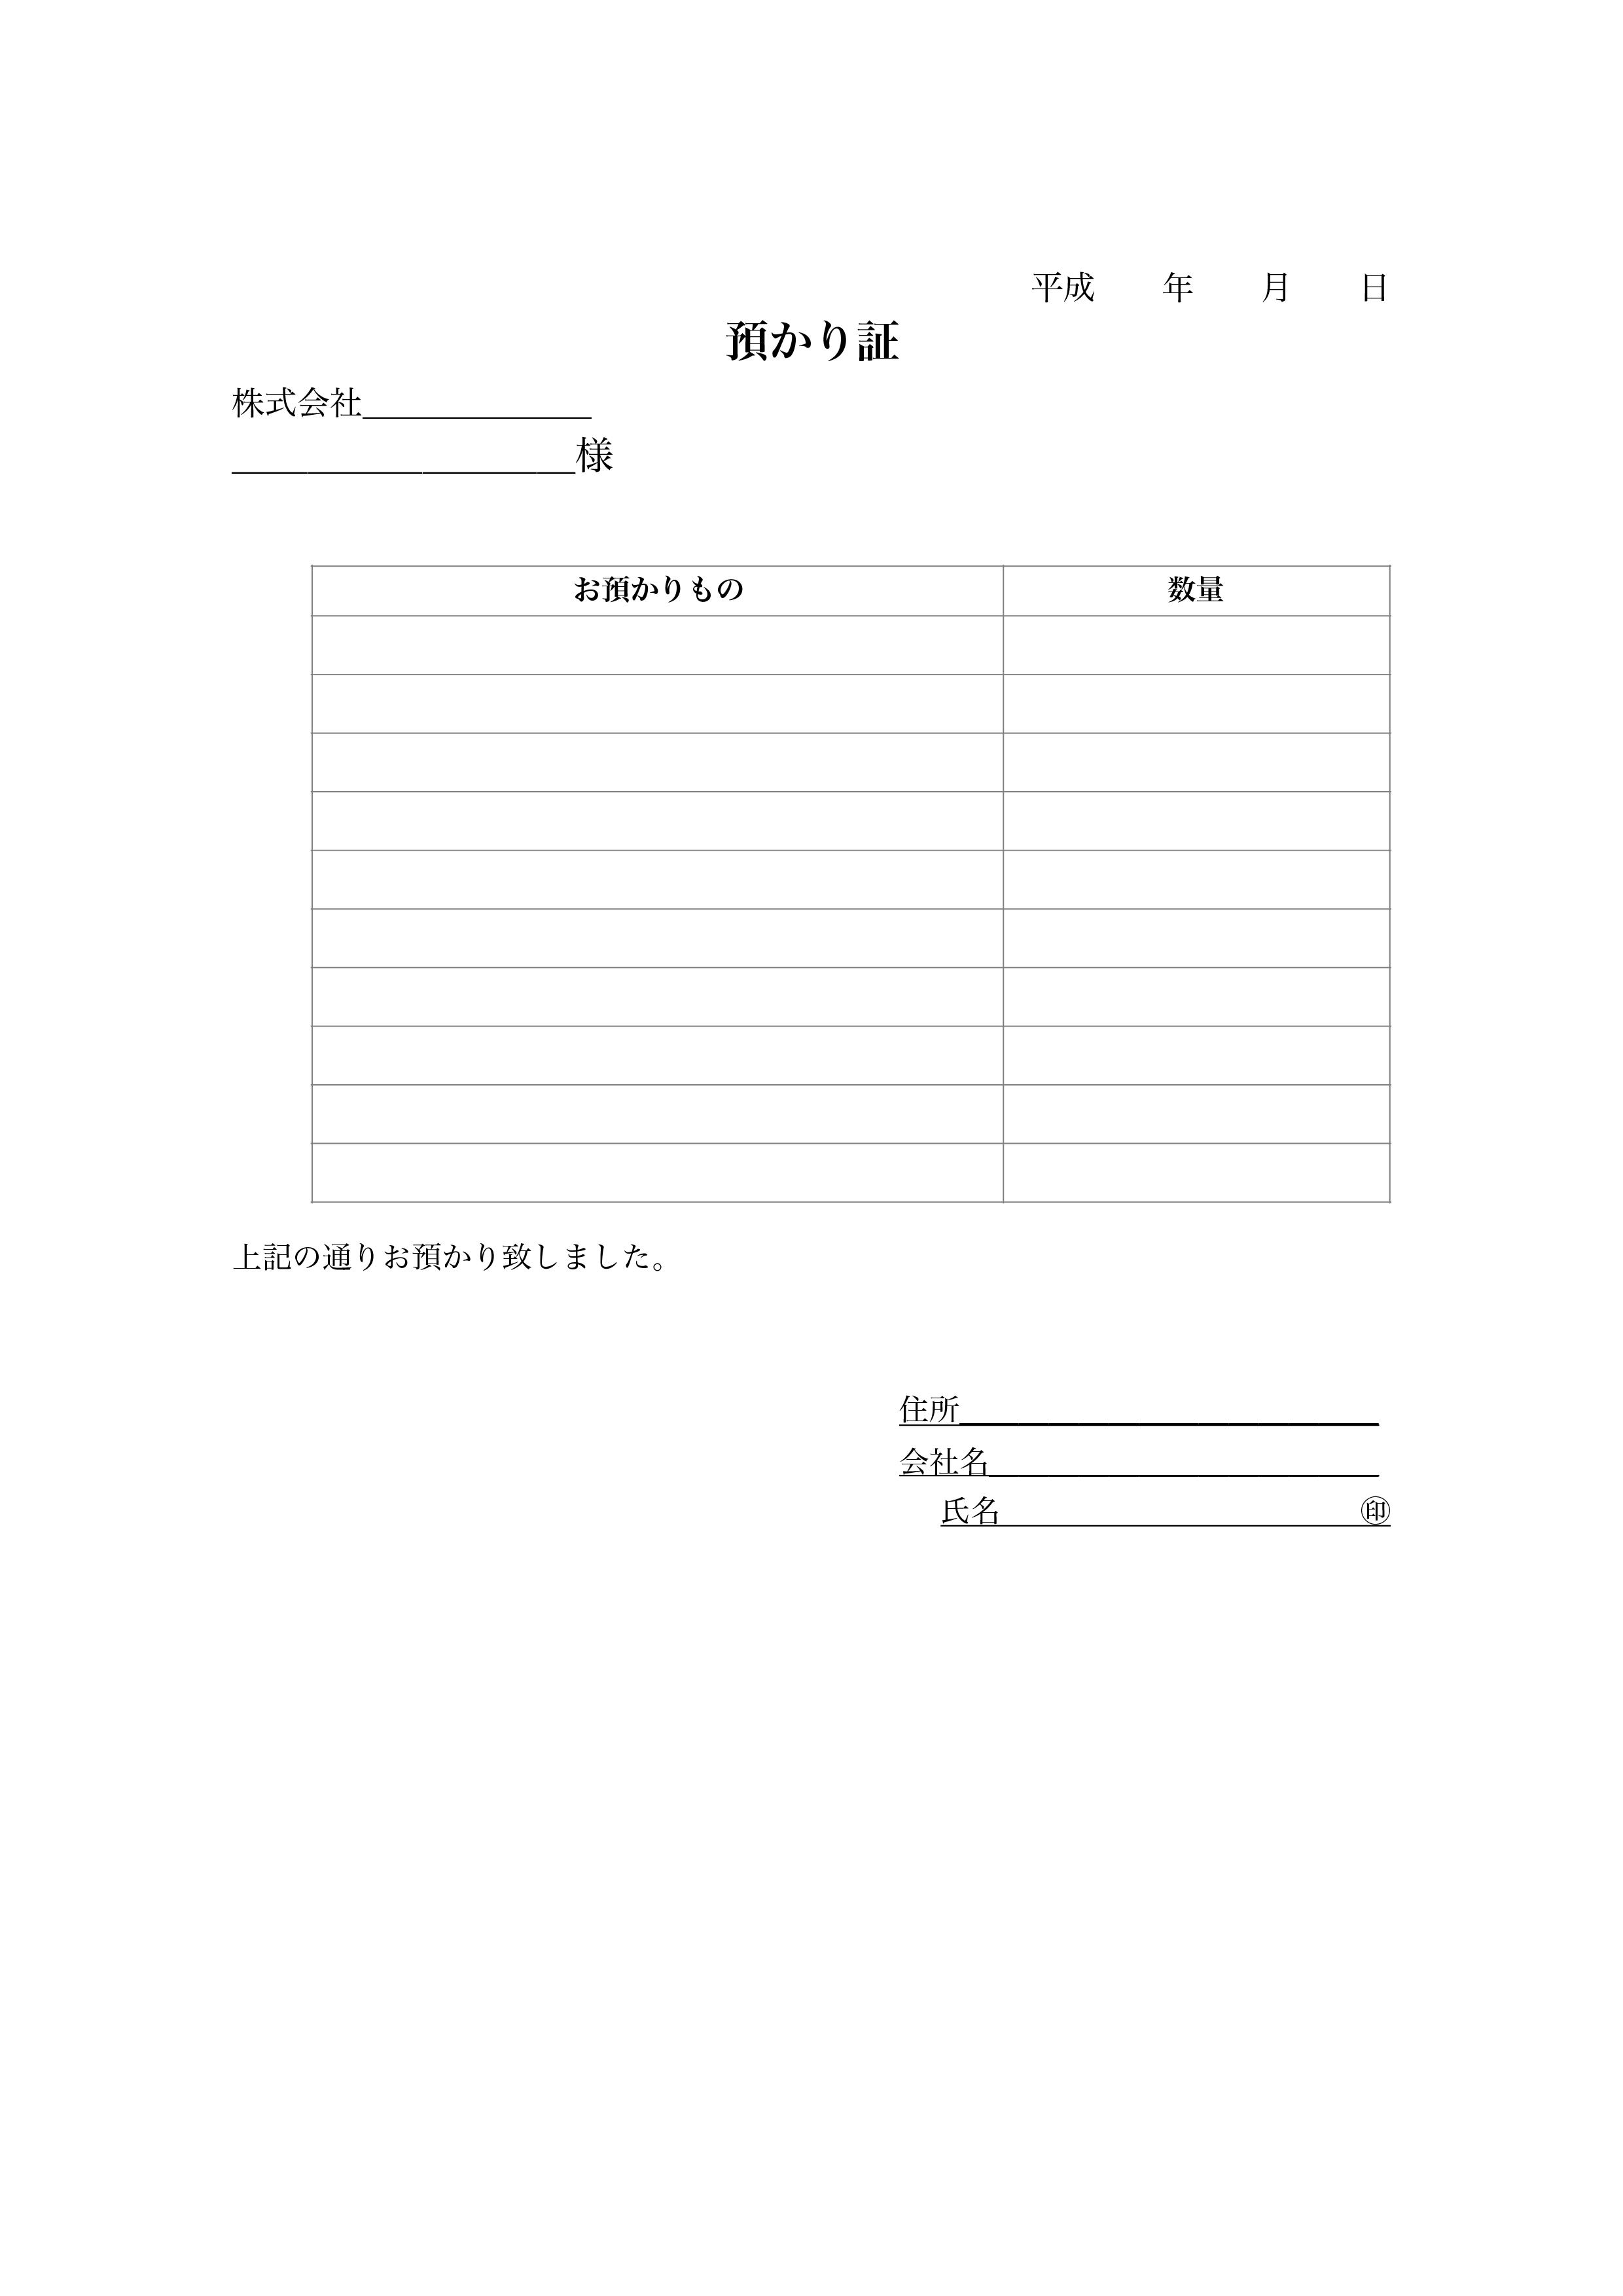 物品預かり証のテンプレート_シンプル(ワード・ページズ)